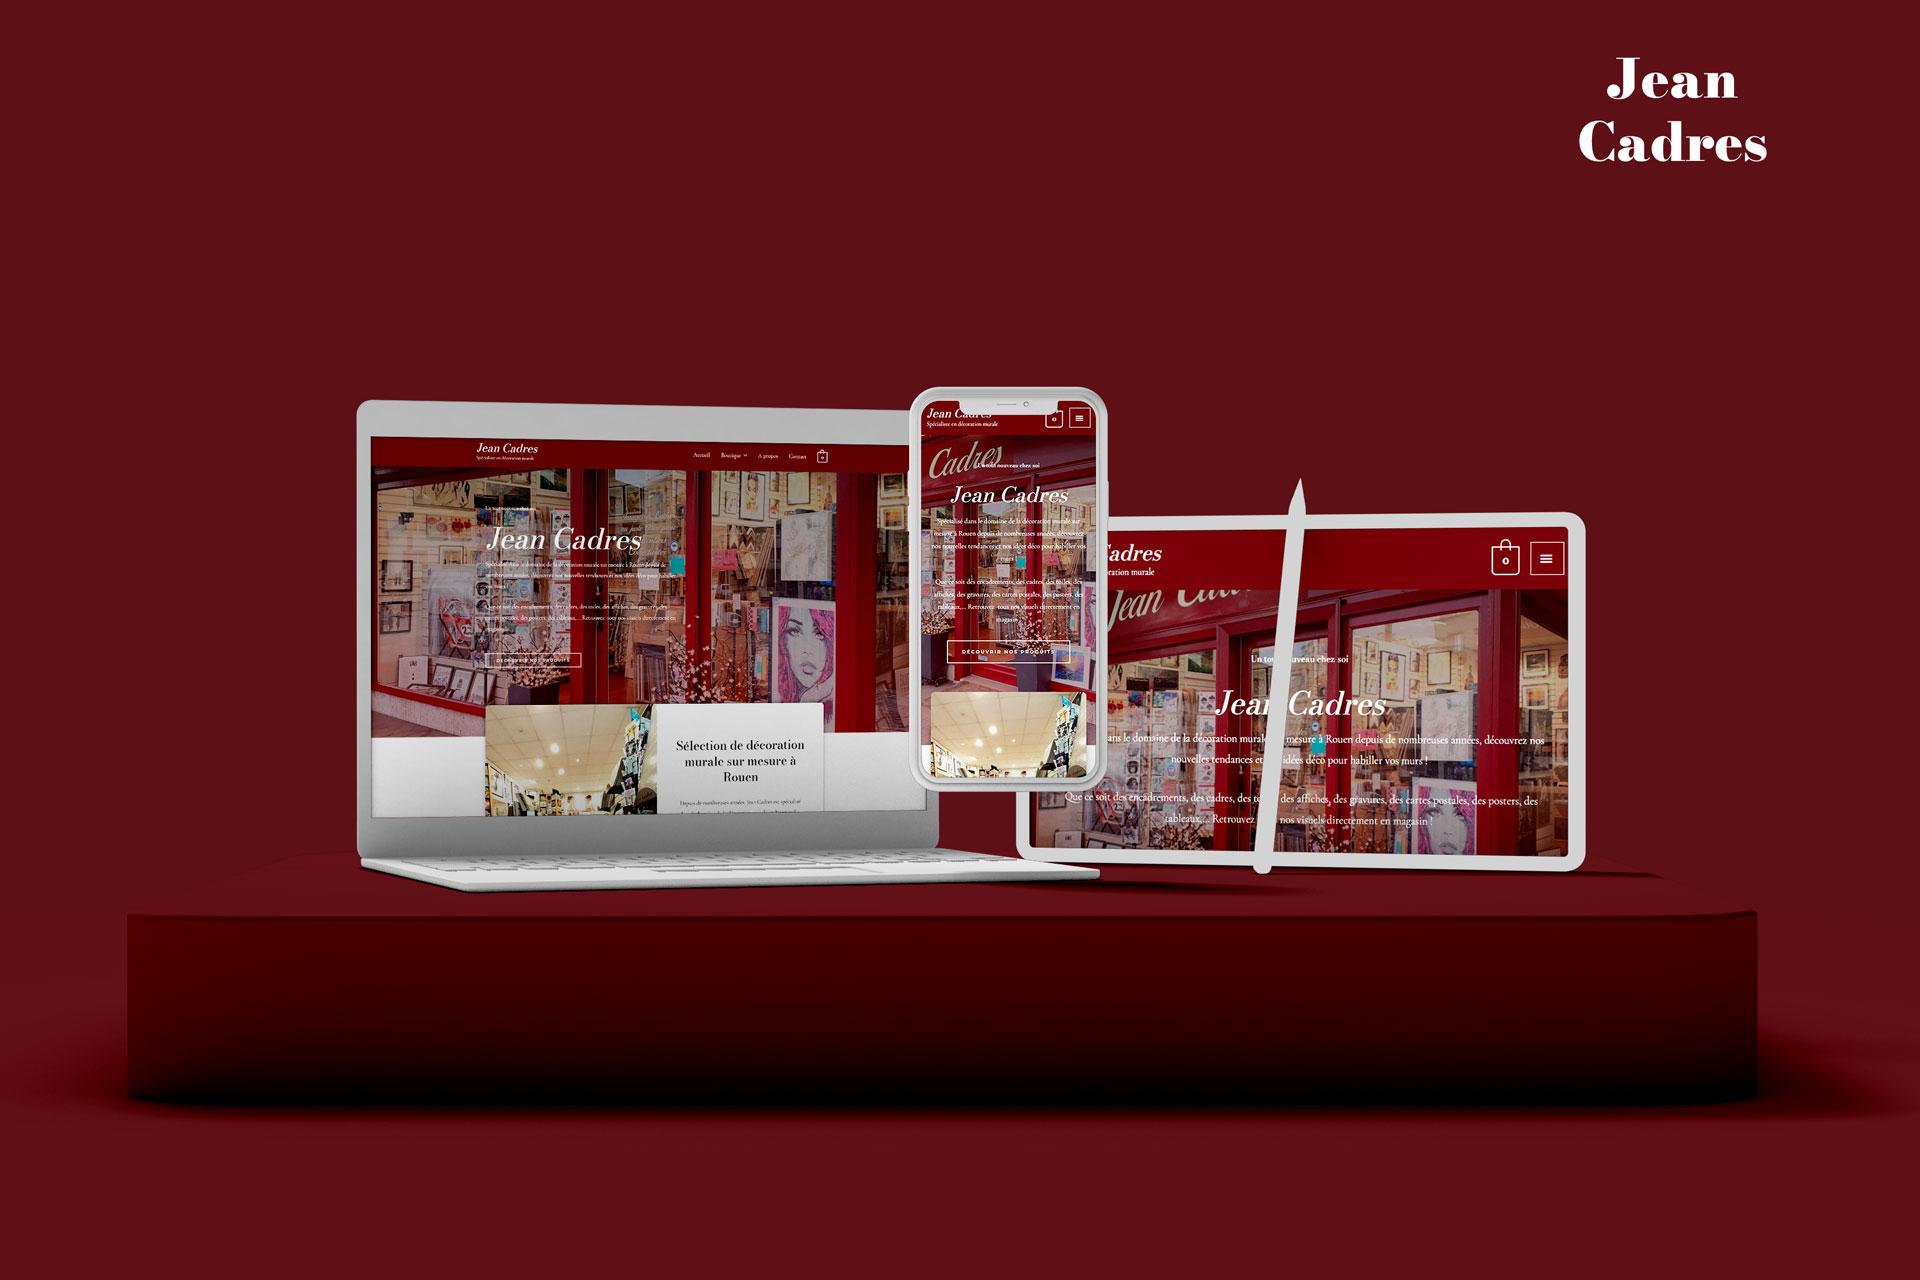 mockup du site Jean Cadres, spécialiste en décoration murale à Rouen, client d'I-Media, agence de communication digitale